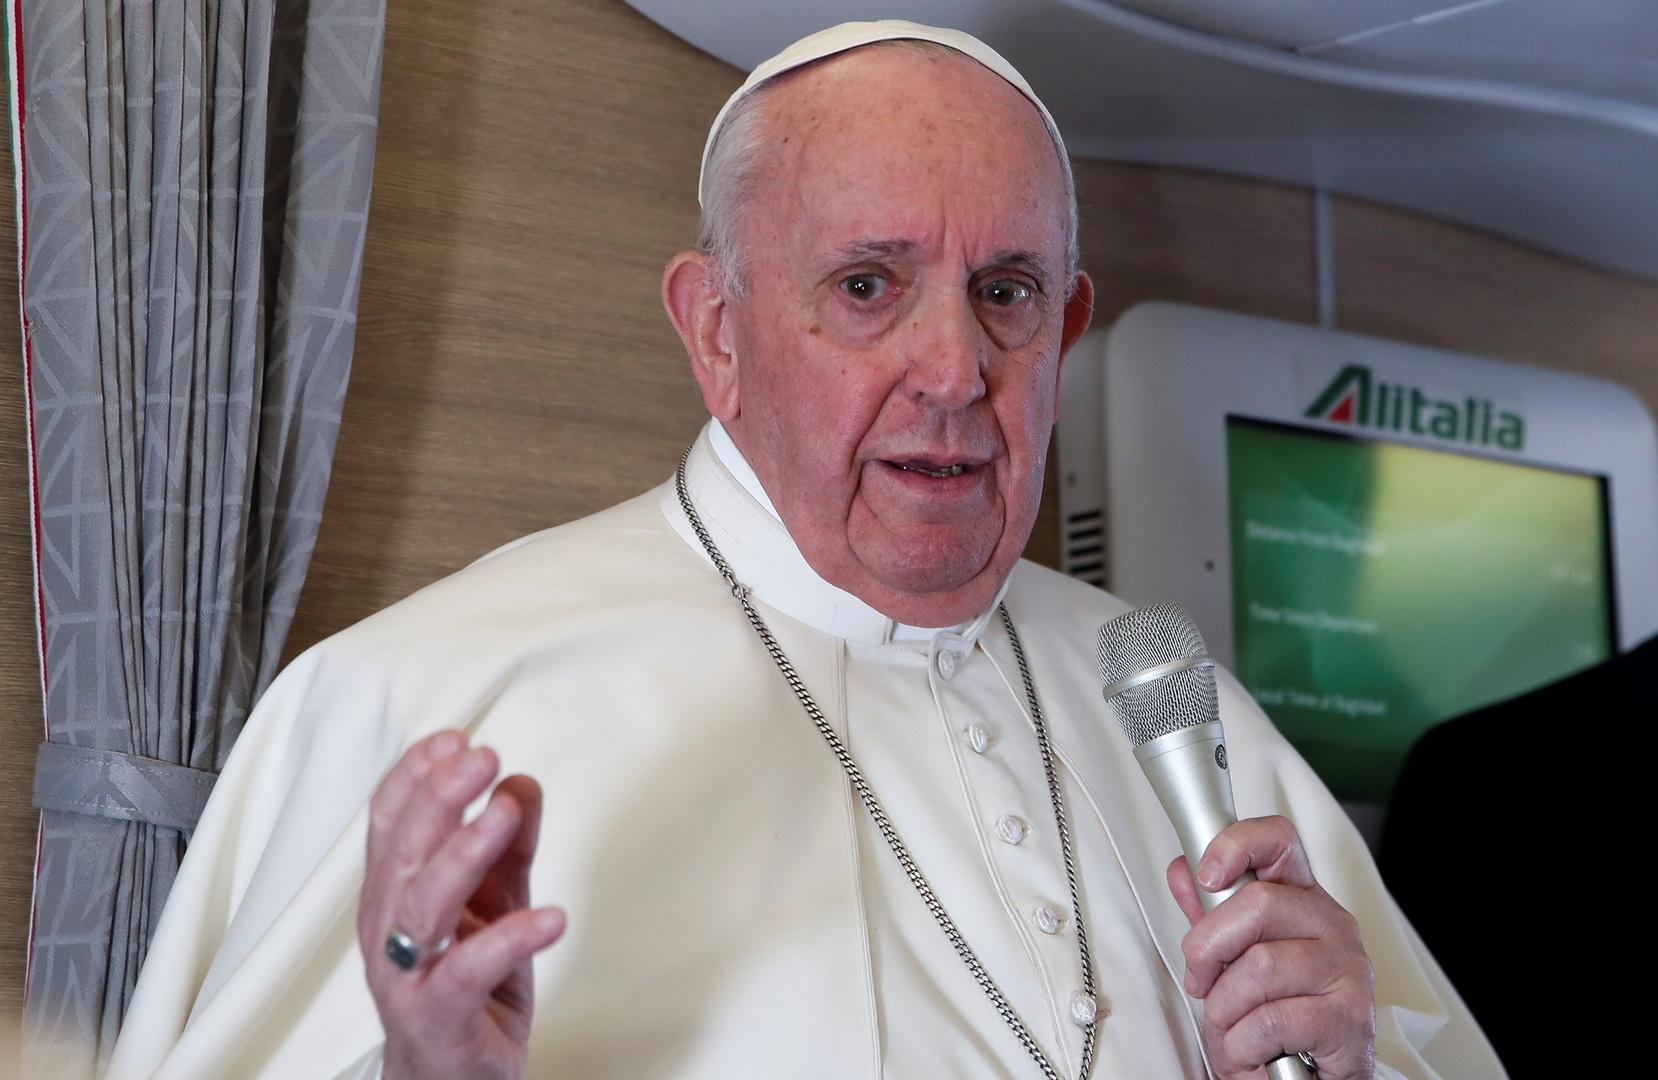 البابا فرنسيس: الذكرى العاشرة للحرب السورية يجب أن تحفز جهود السلام